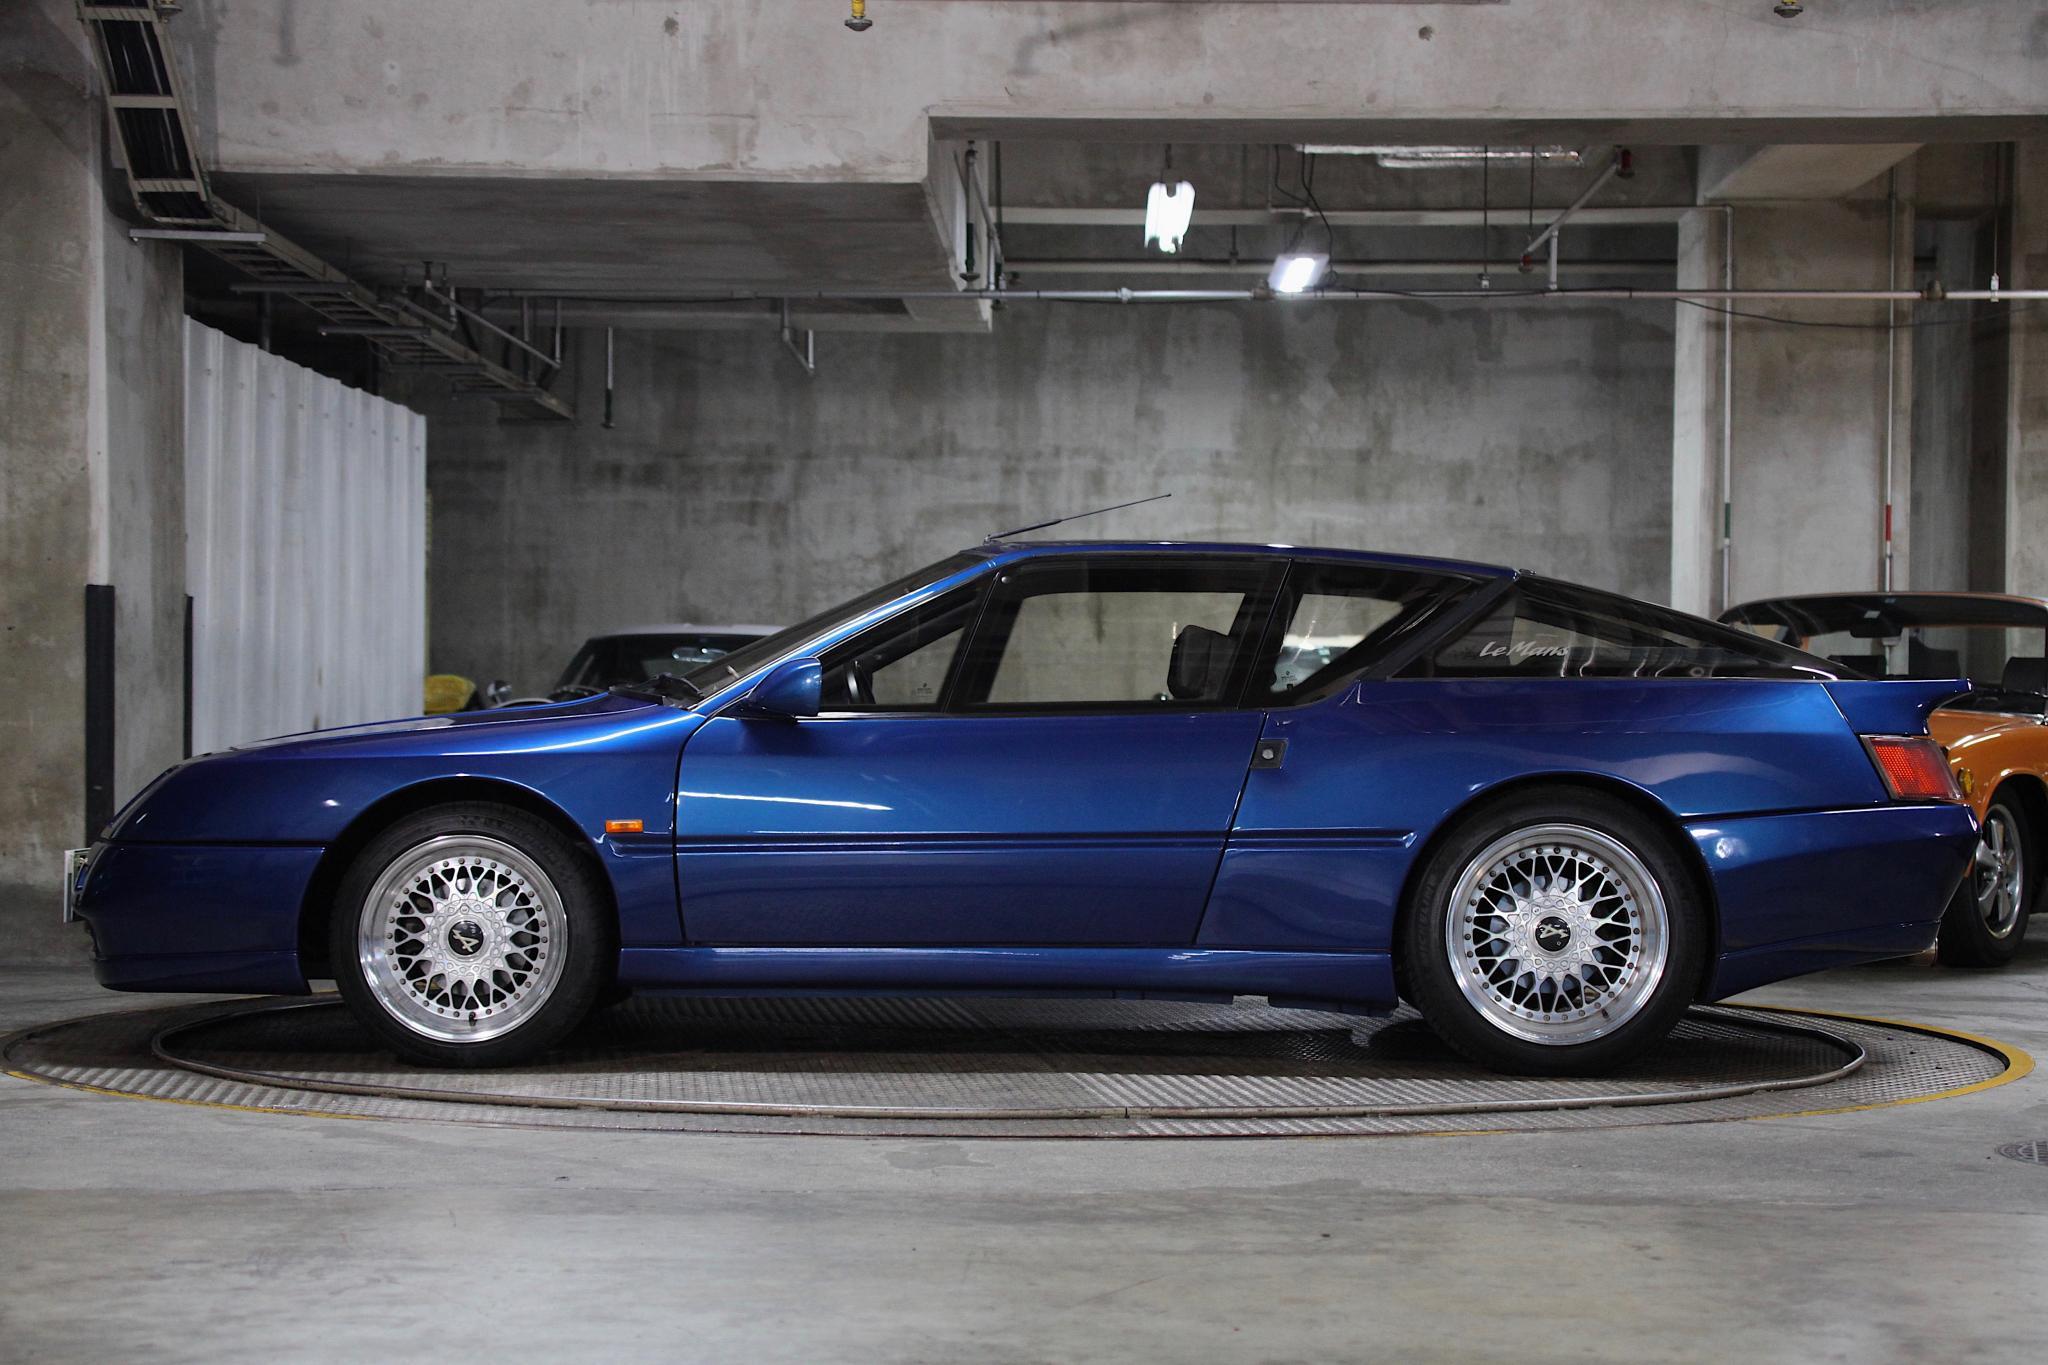 ヴィンテージカー販売 ルノーAlpine V6 Turbo